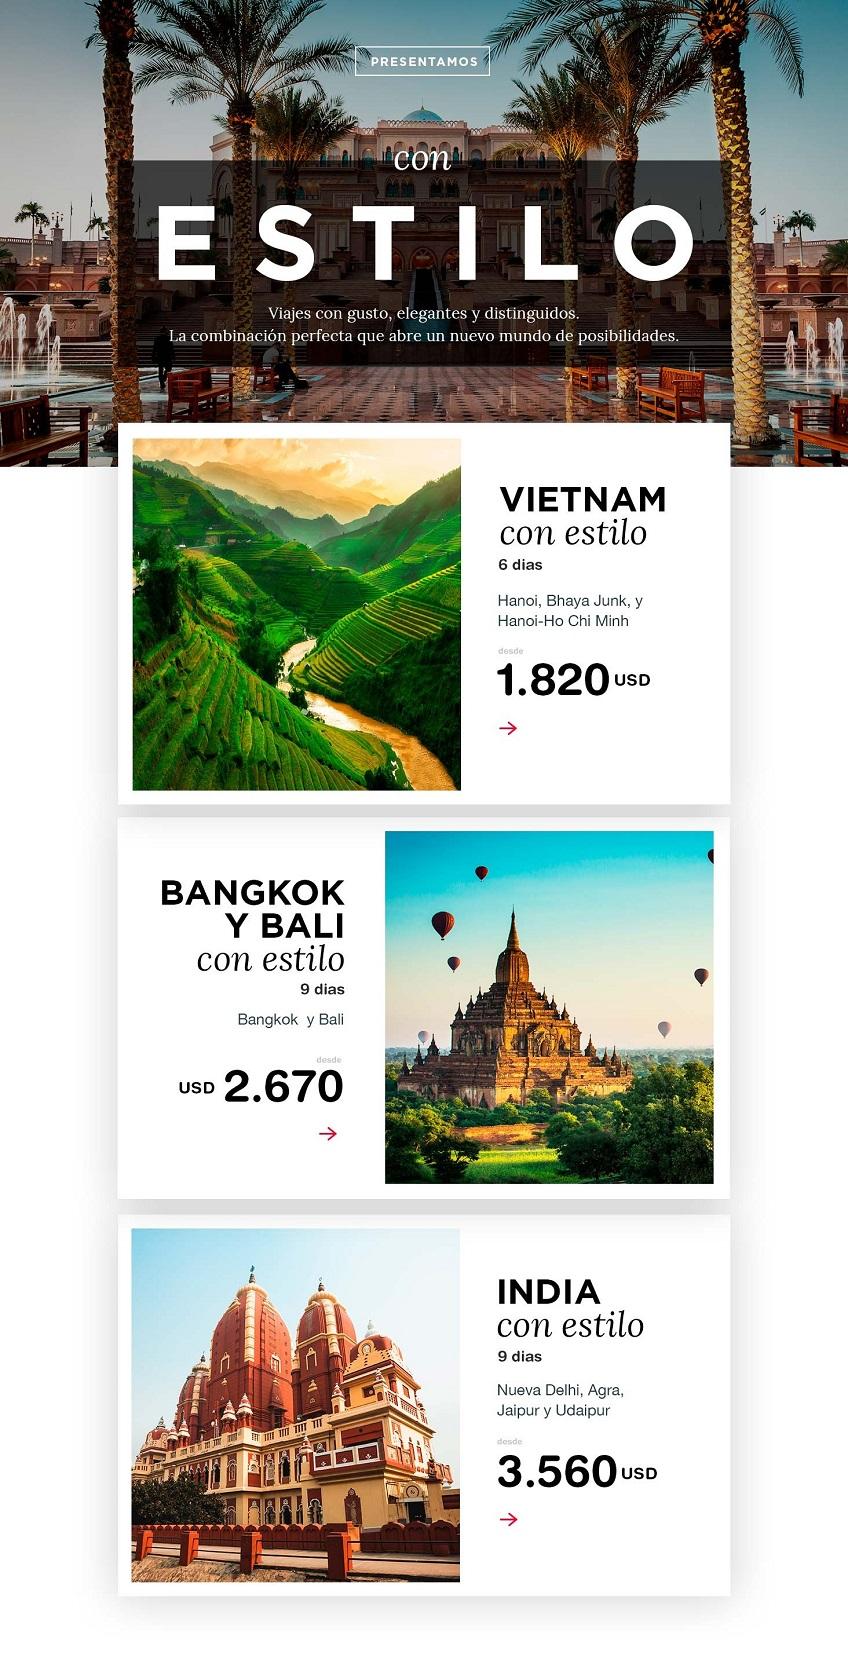 Viajes con estilo con Carrusel travel y Special Tours